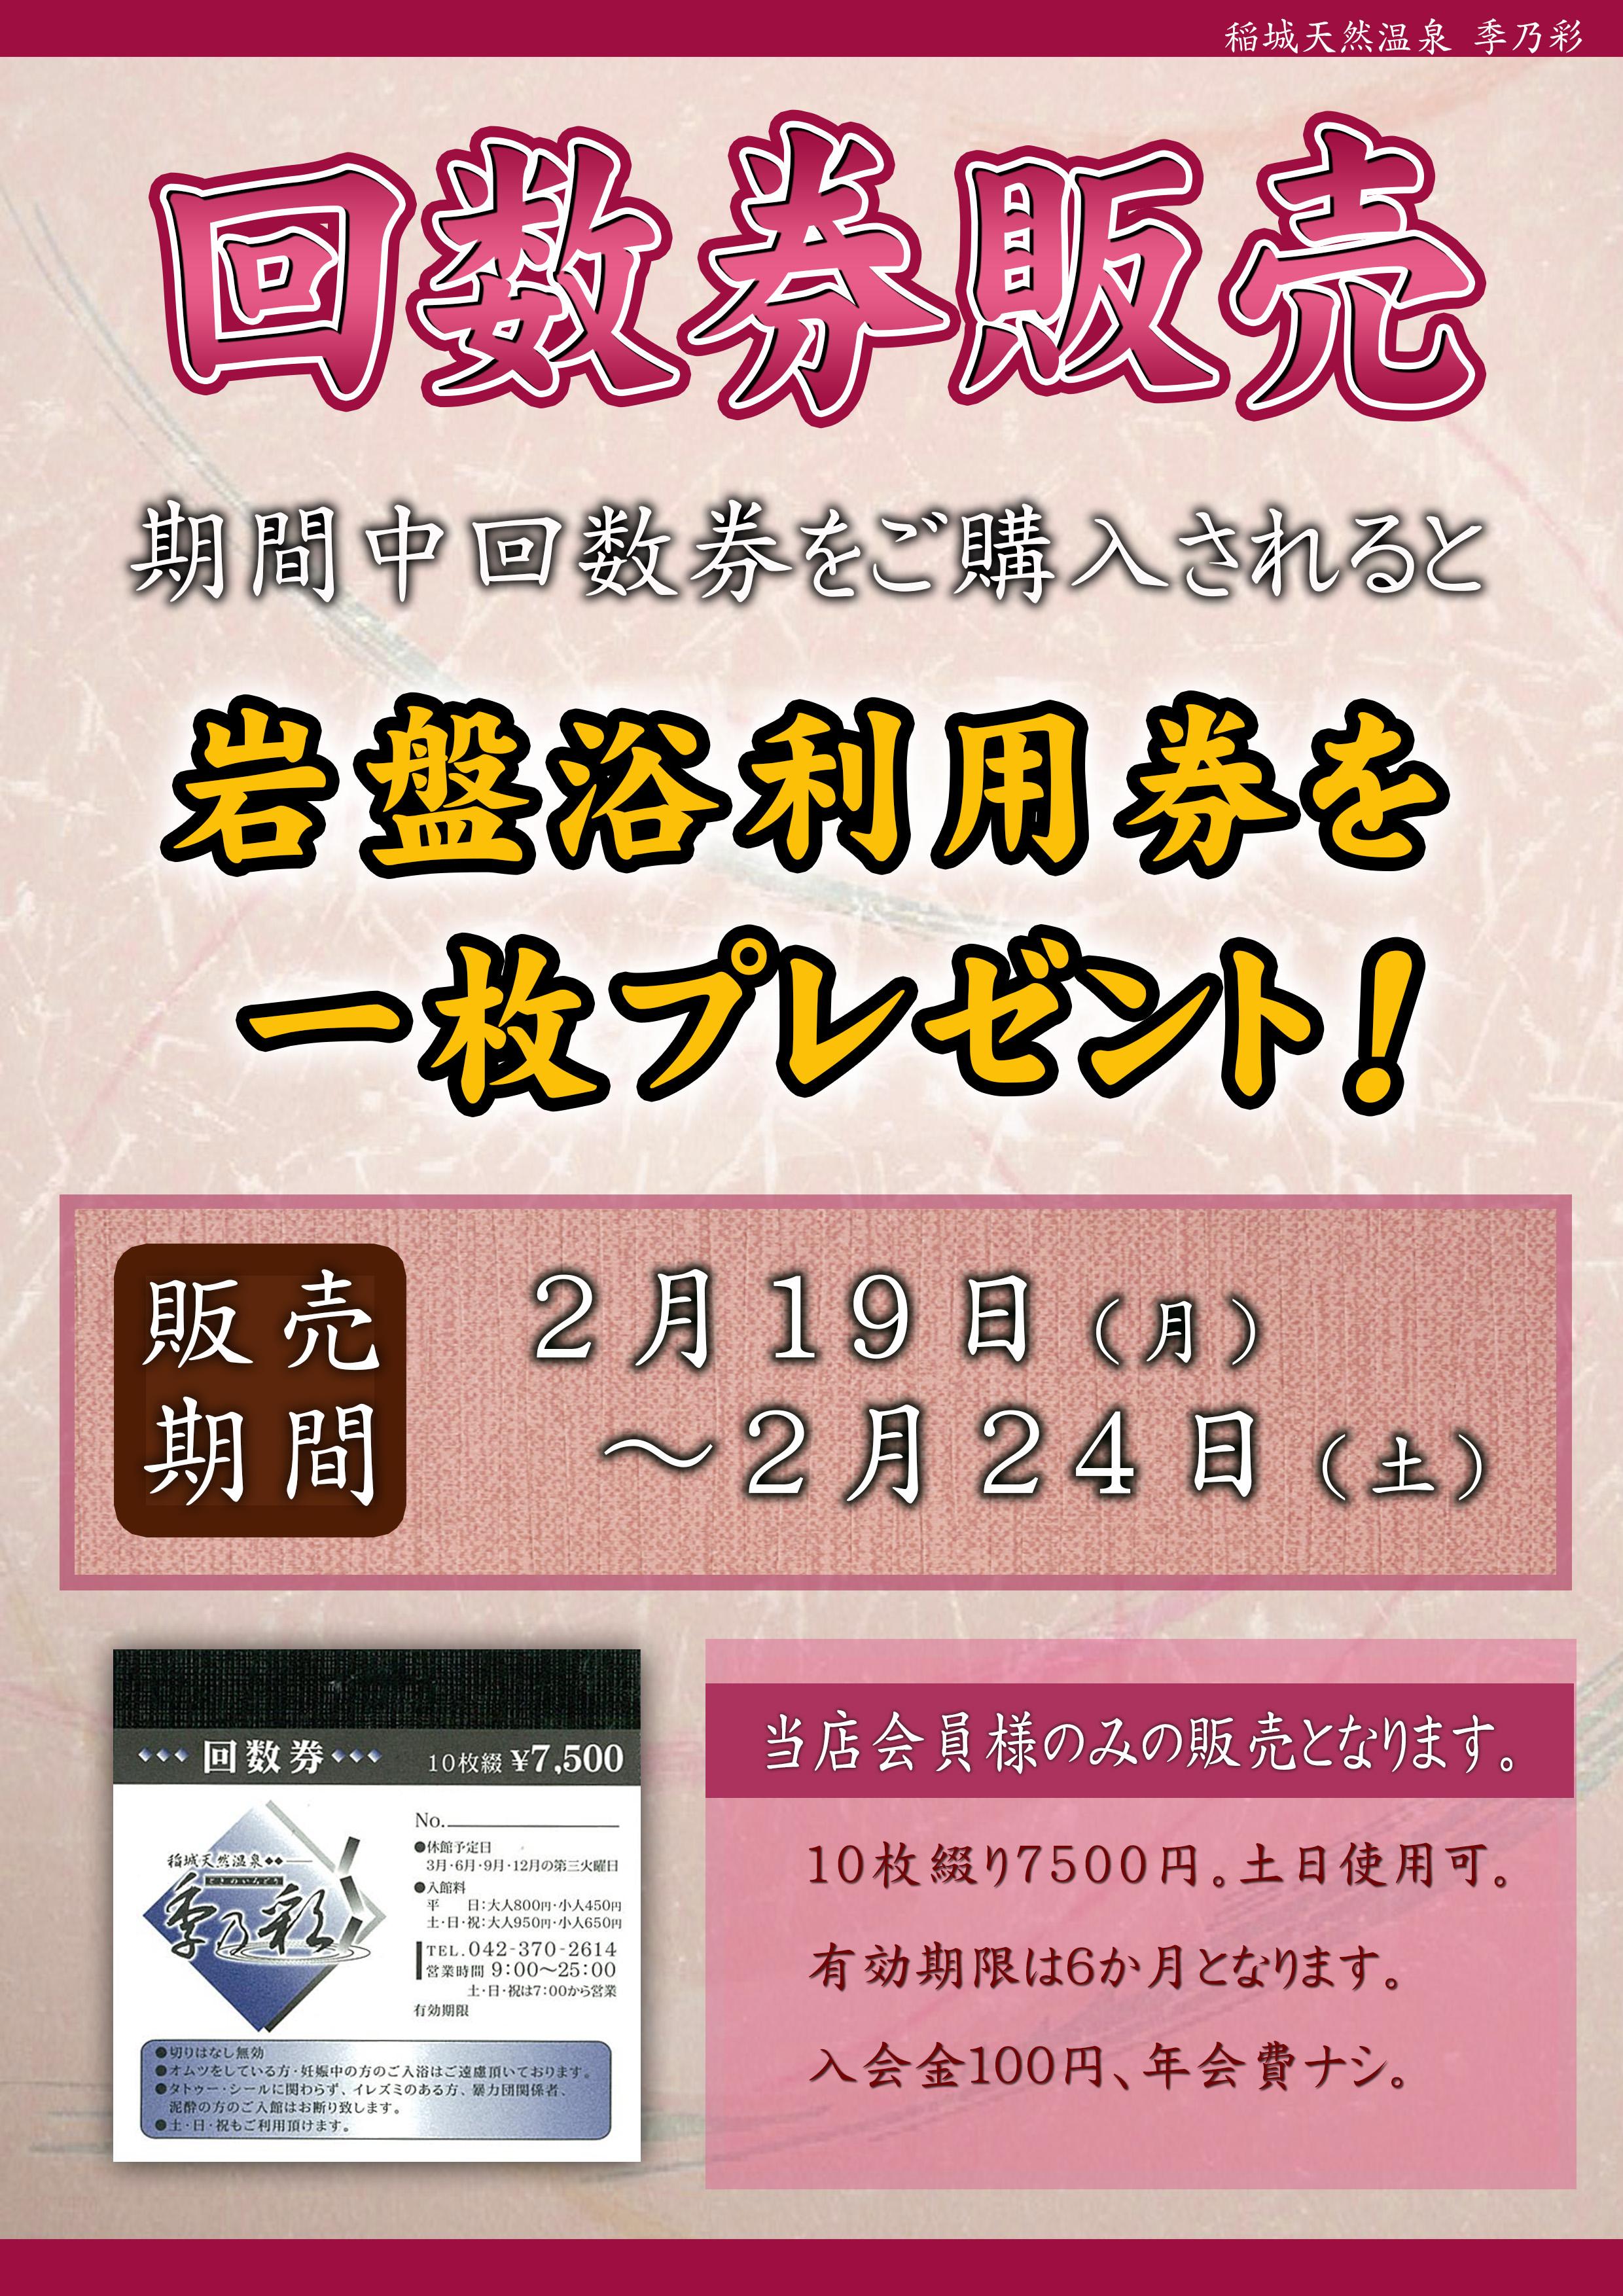 201800219~24POP イベント 回数券特売 岩盤浴券付与【入会100円】2月